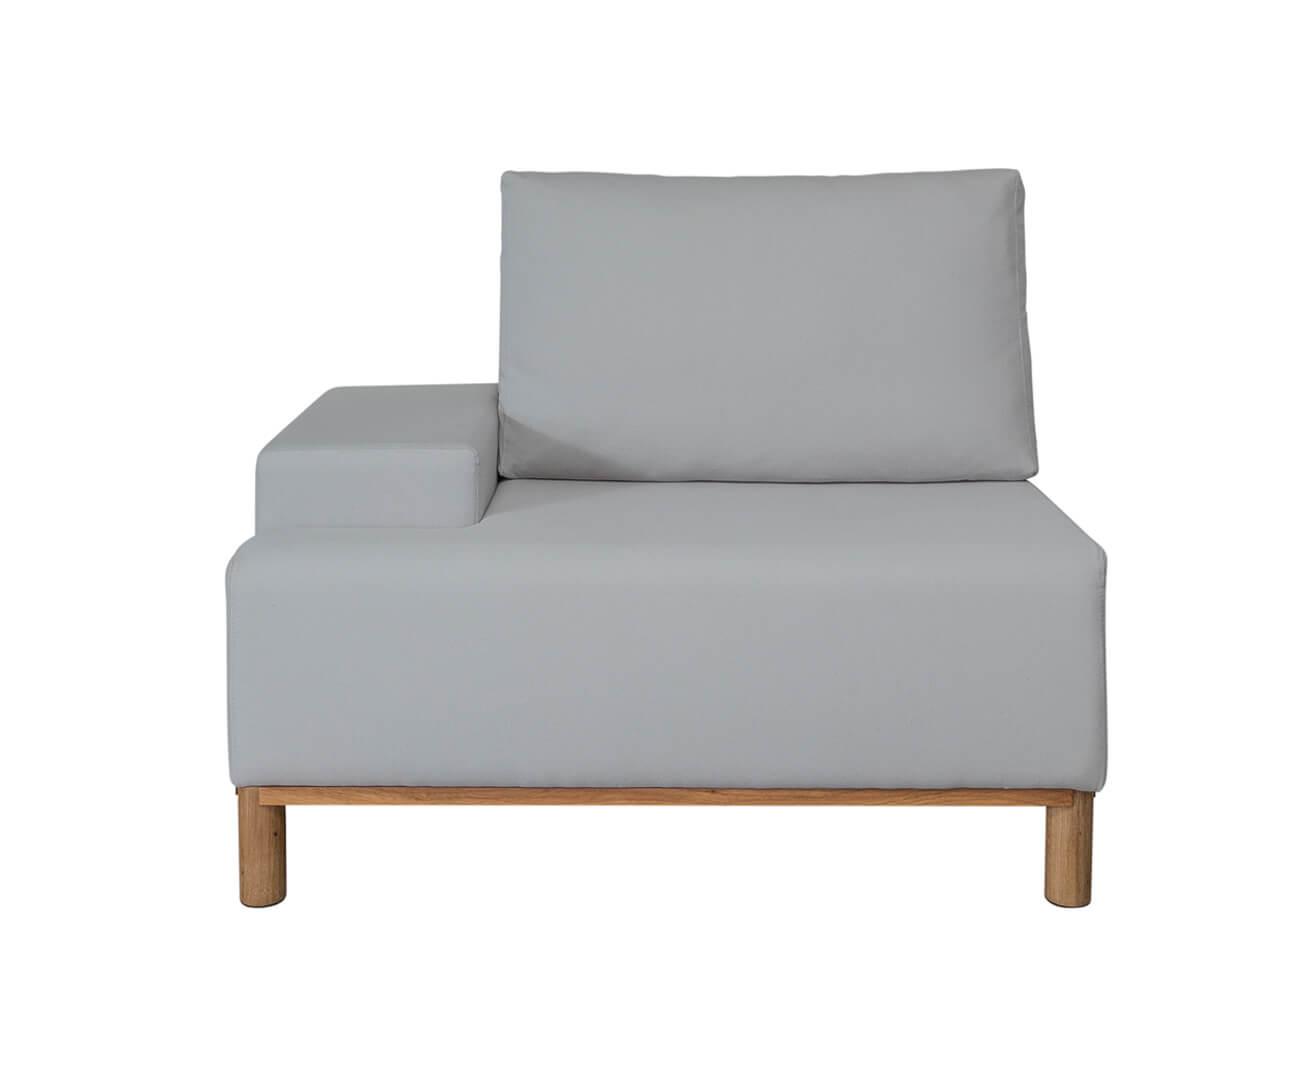 módulo com braço esquerdo - sofá modular 203 1392